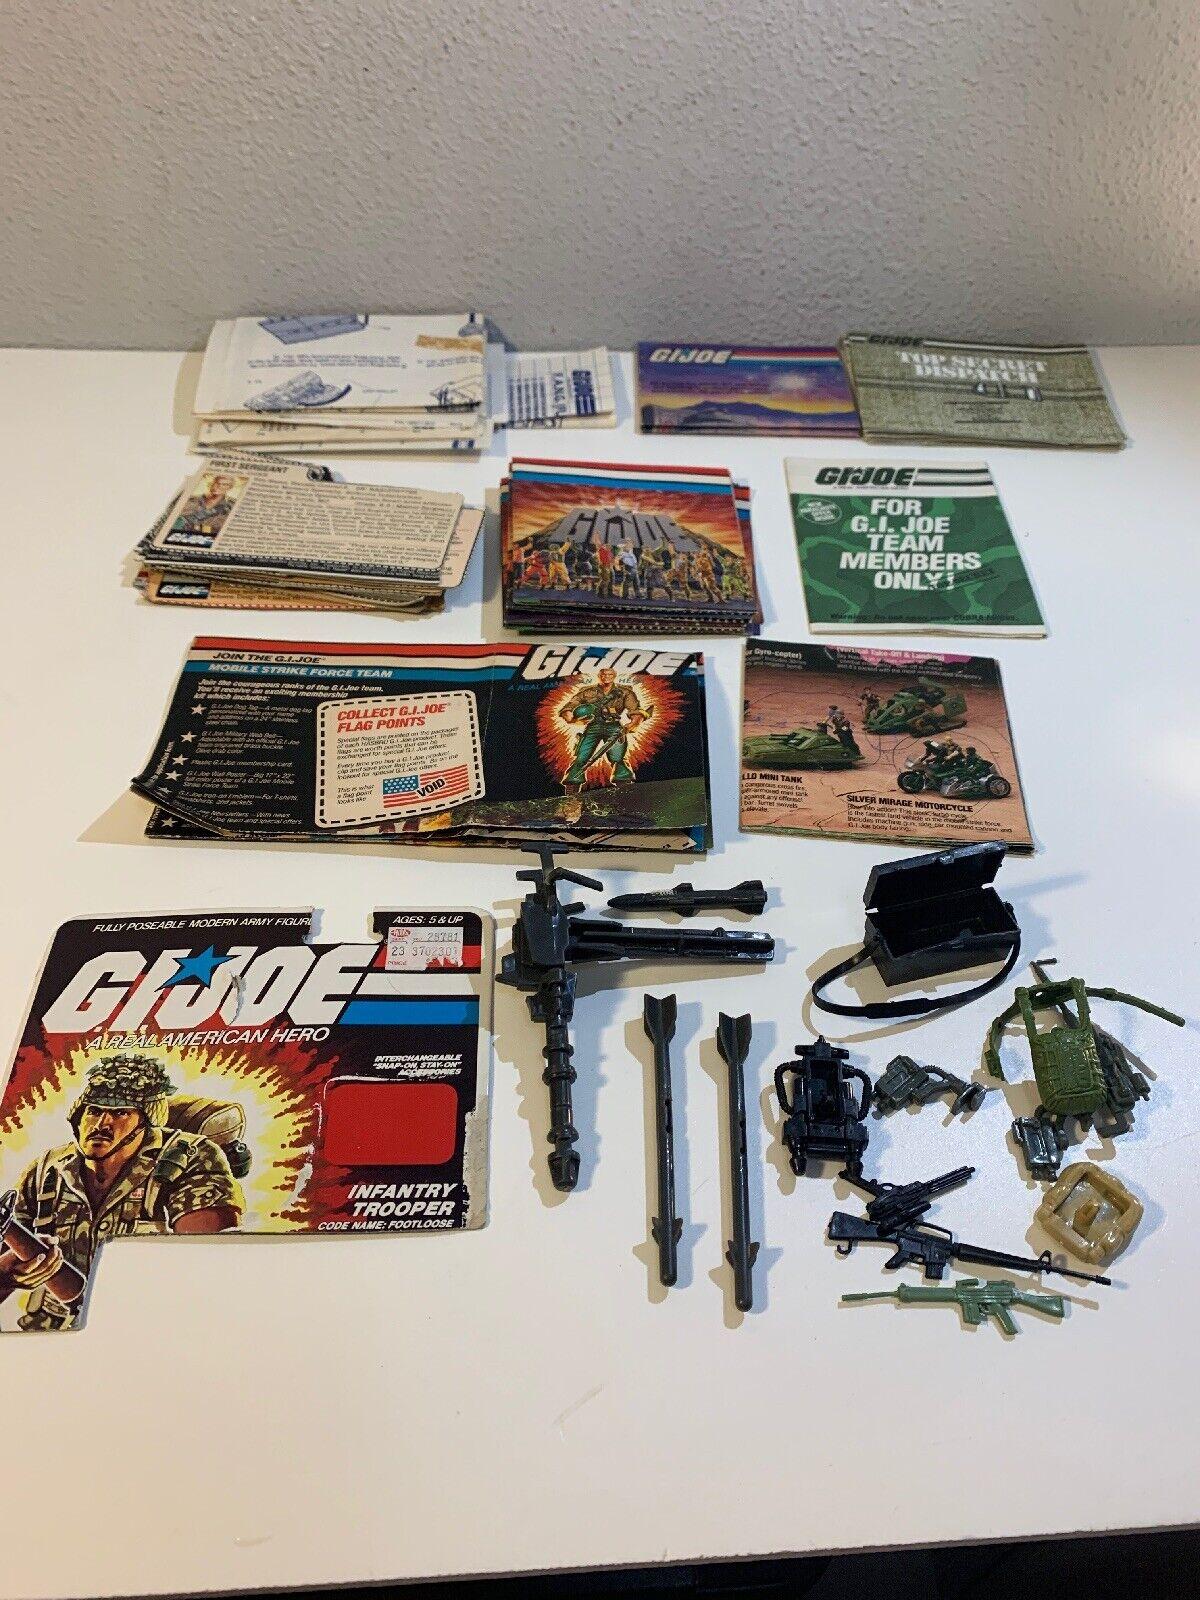 Big Lot Of Vintage Gi Joe File Cards, Battle Series, Manuels, Mobile Strike Team